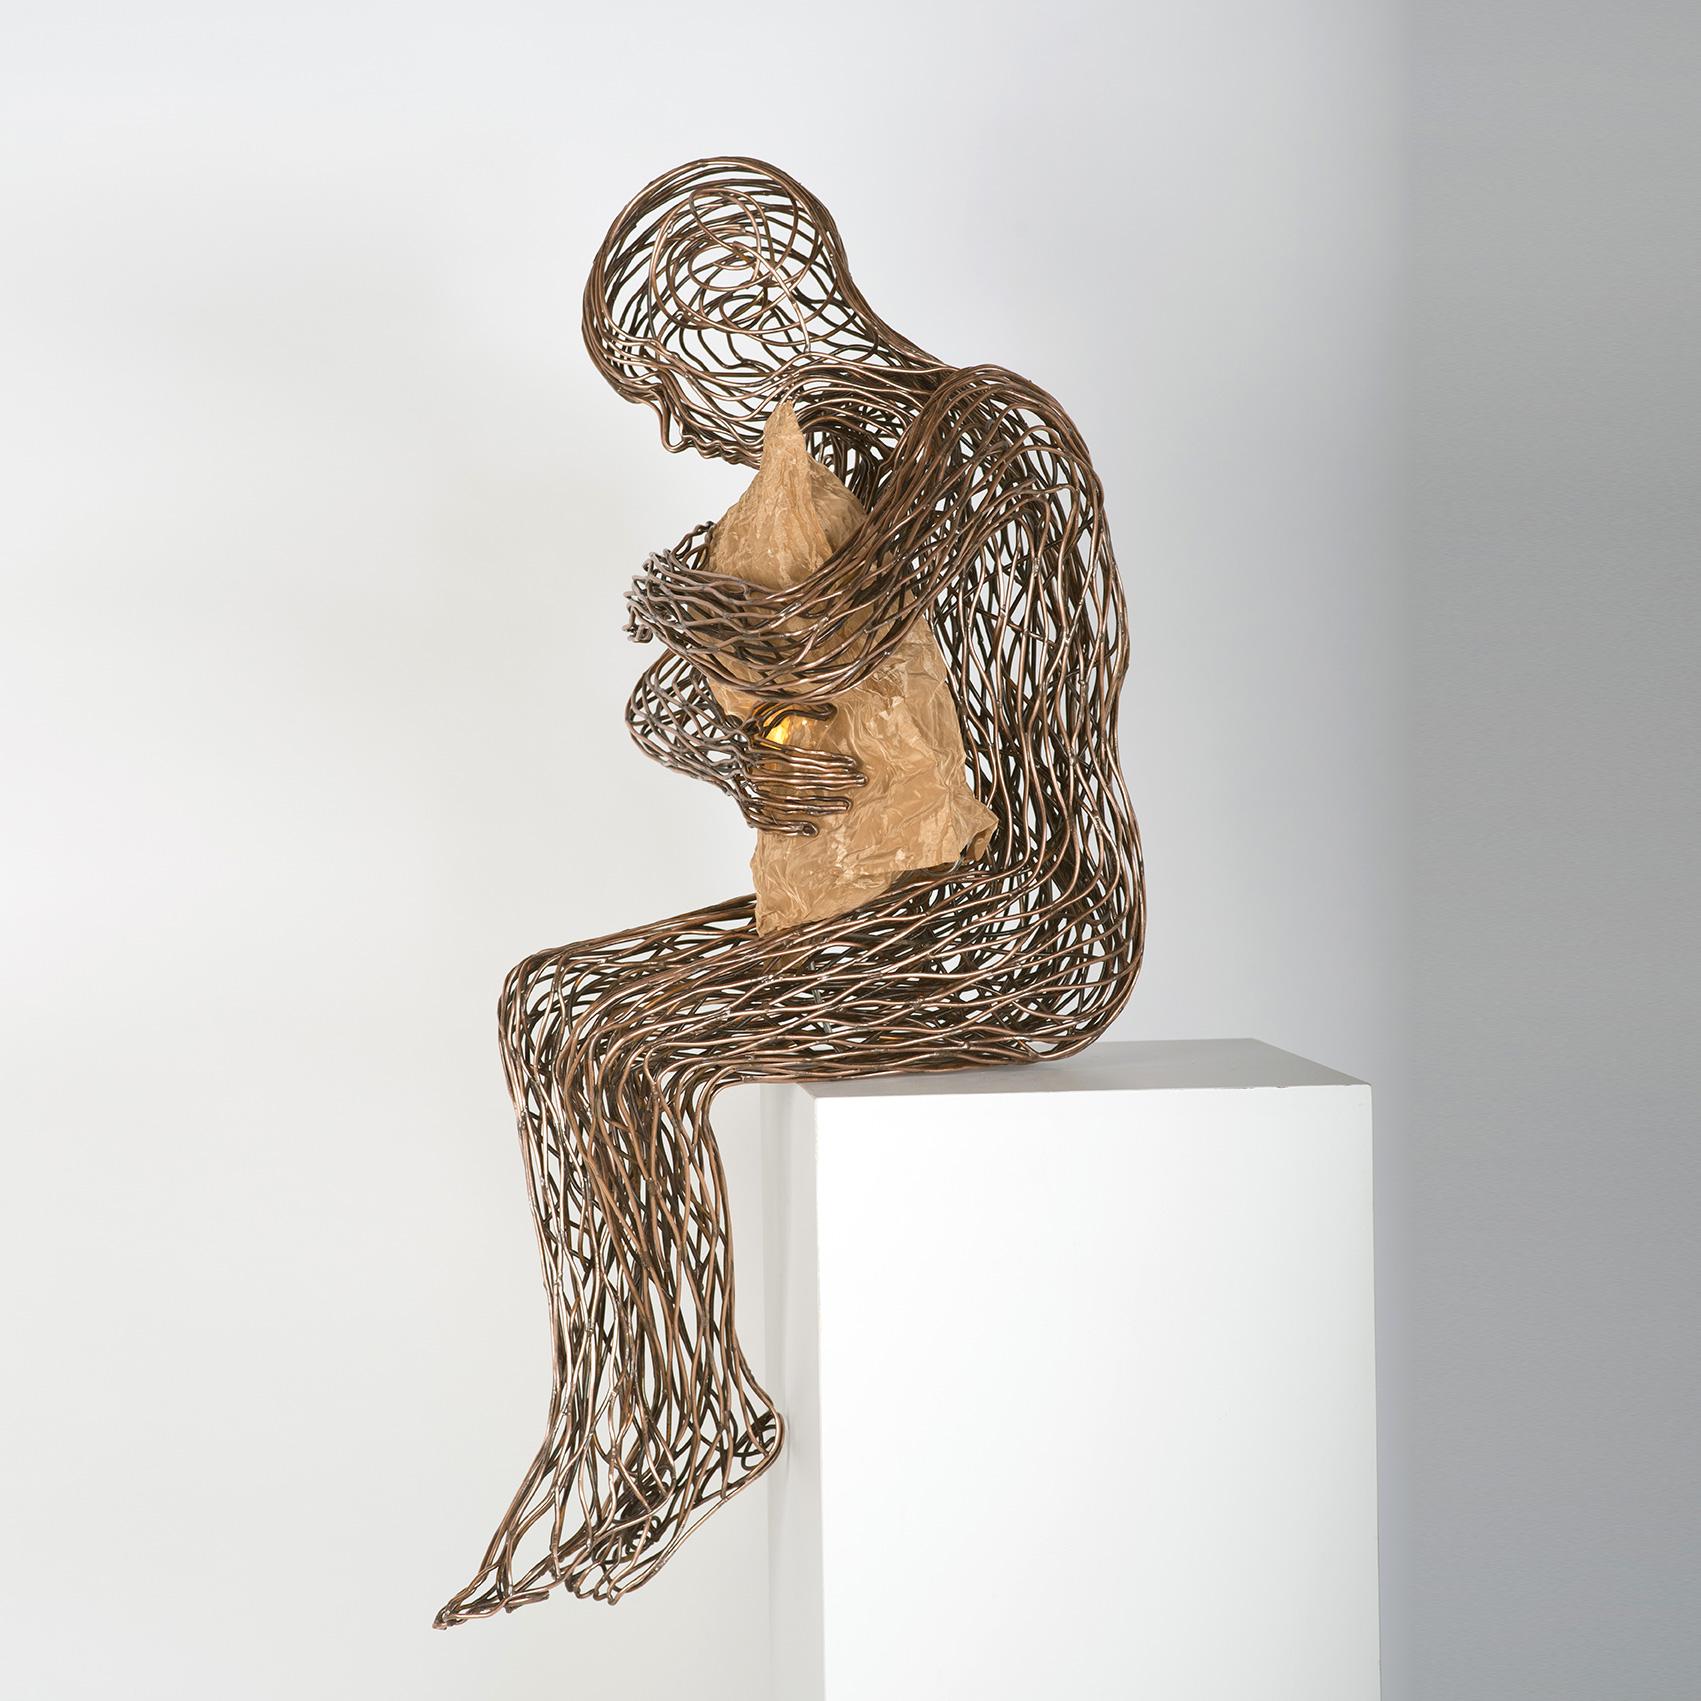 Bonzano Stefano, Notte, Scultura in tubolare di rame saldato a mano, 185x42x40 cm, 2015. Collezione privata.